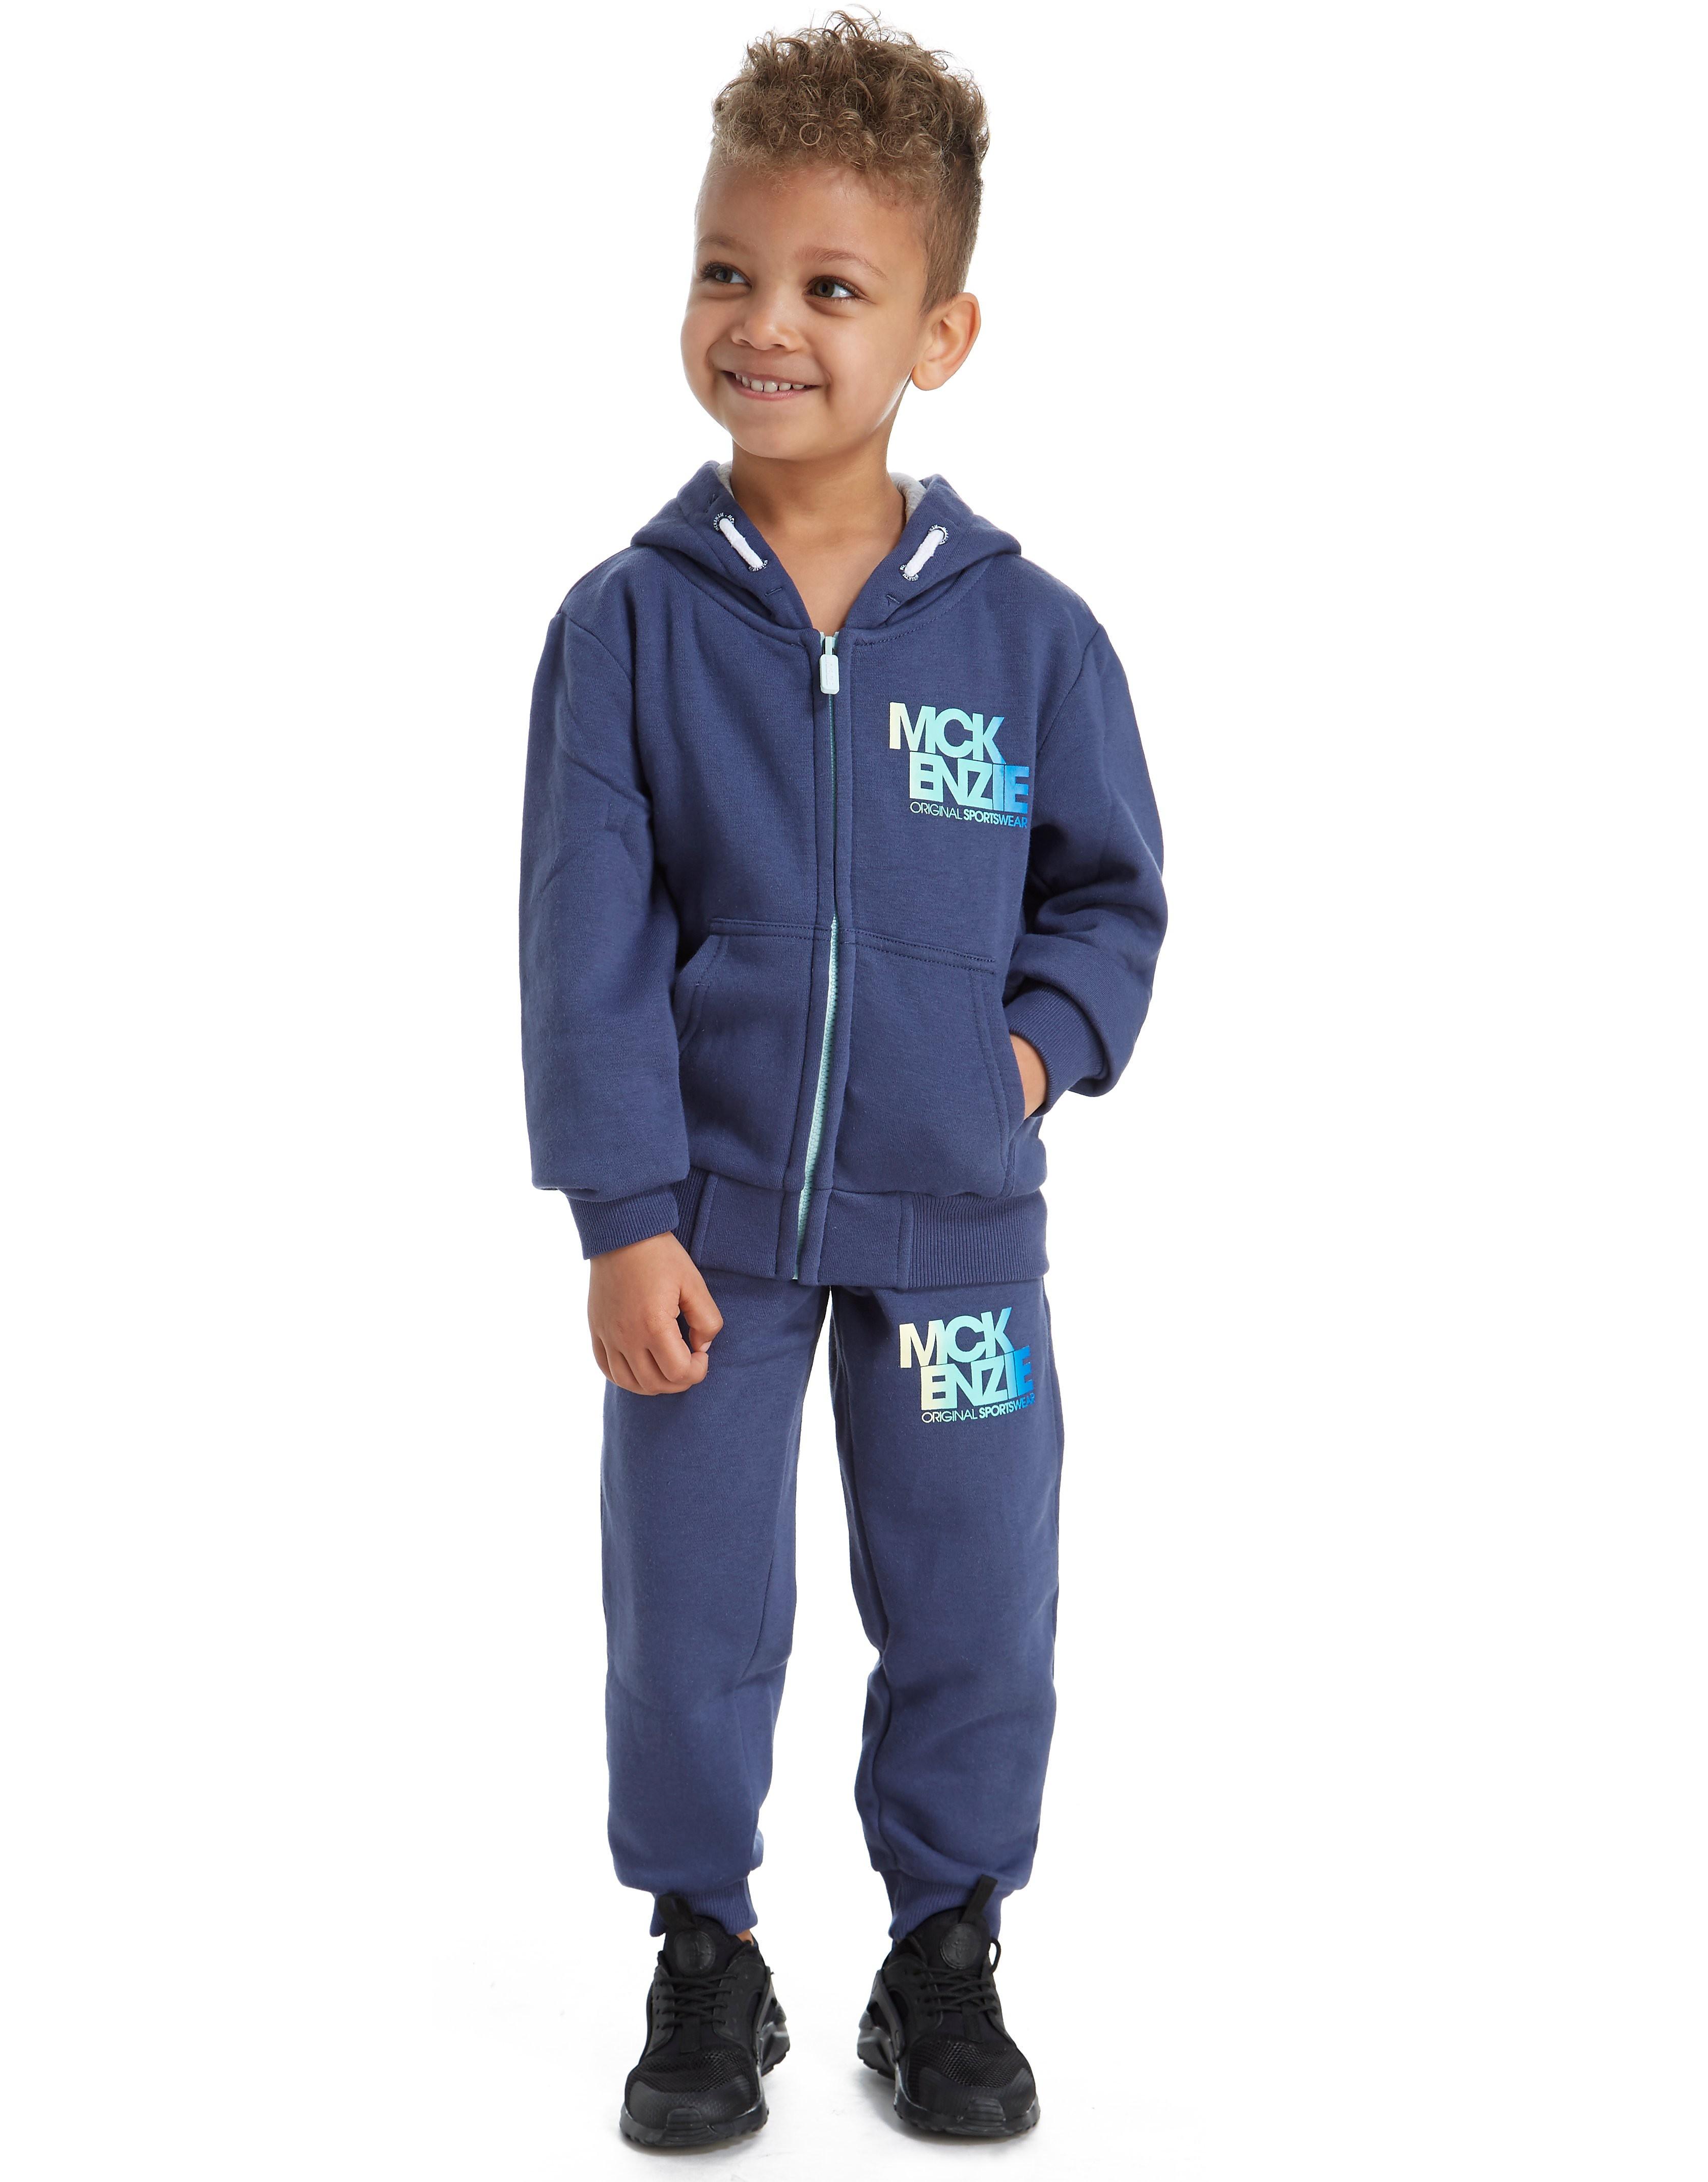 McKenzie Waldo Fleece Suit Children